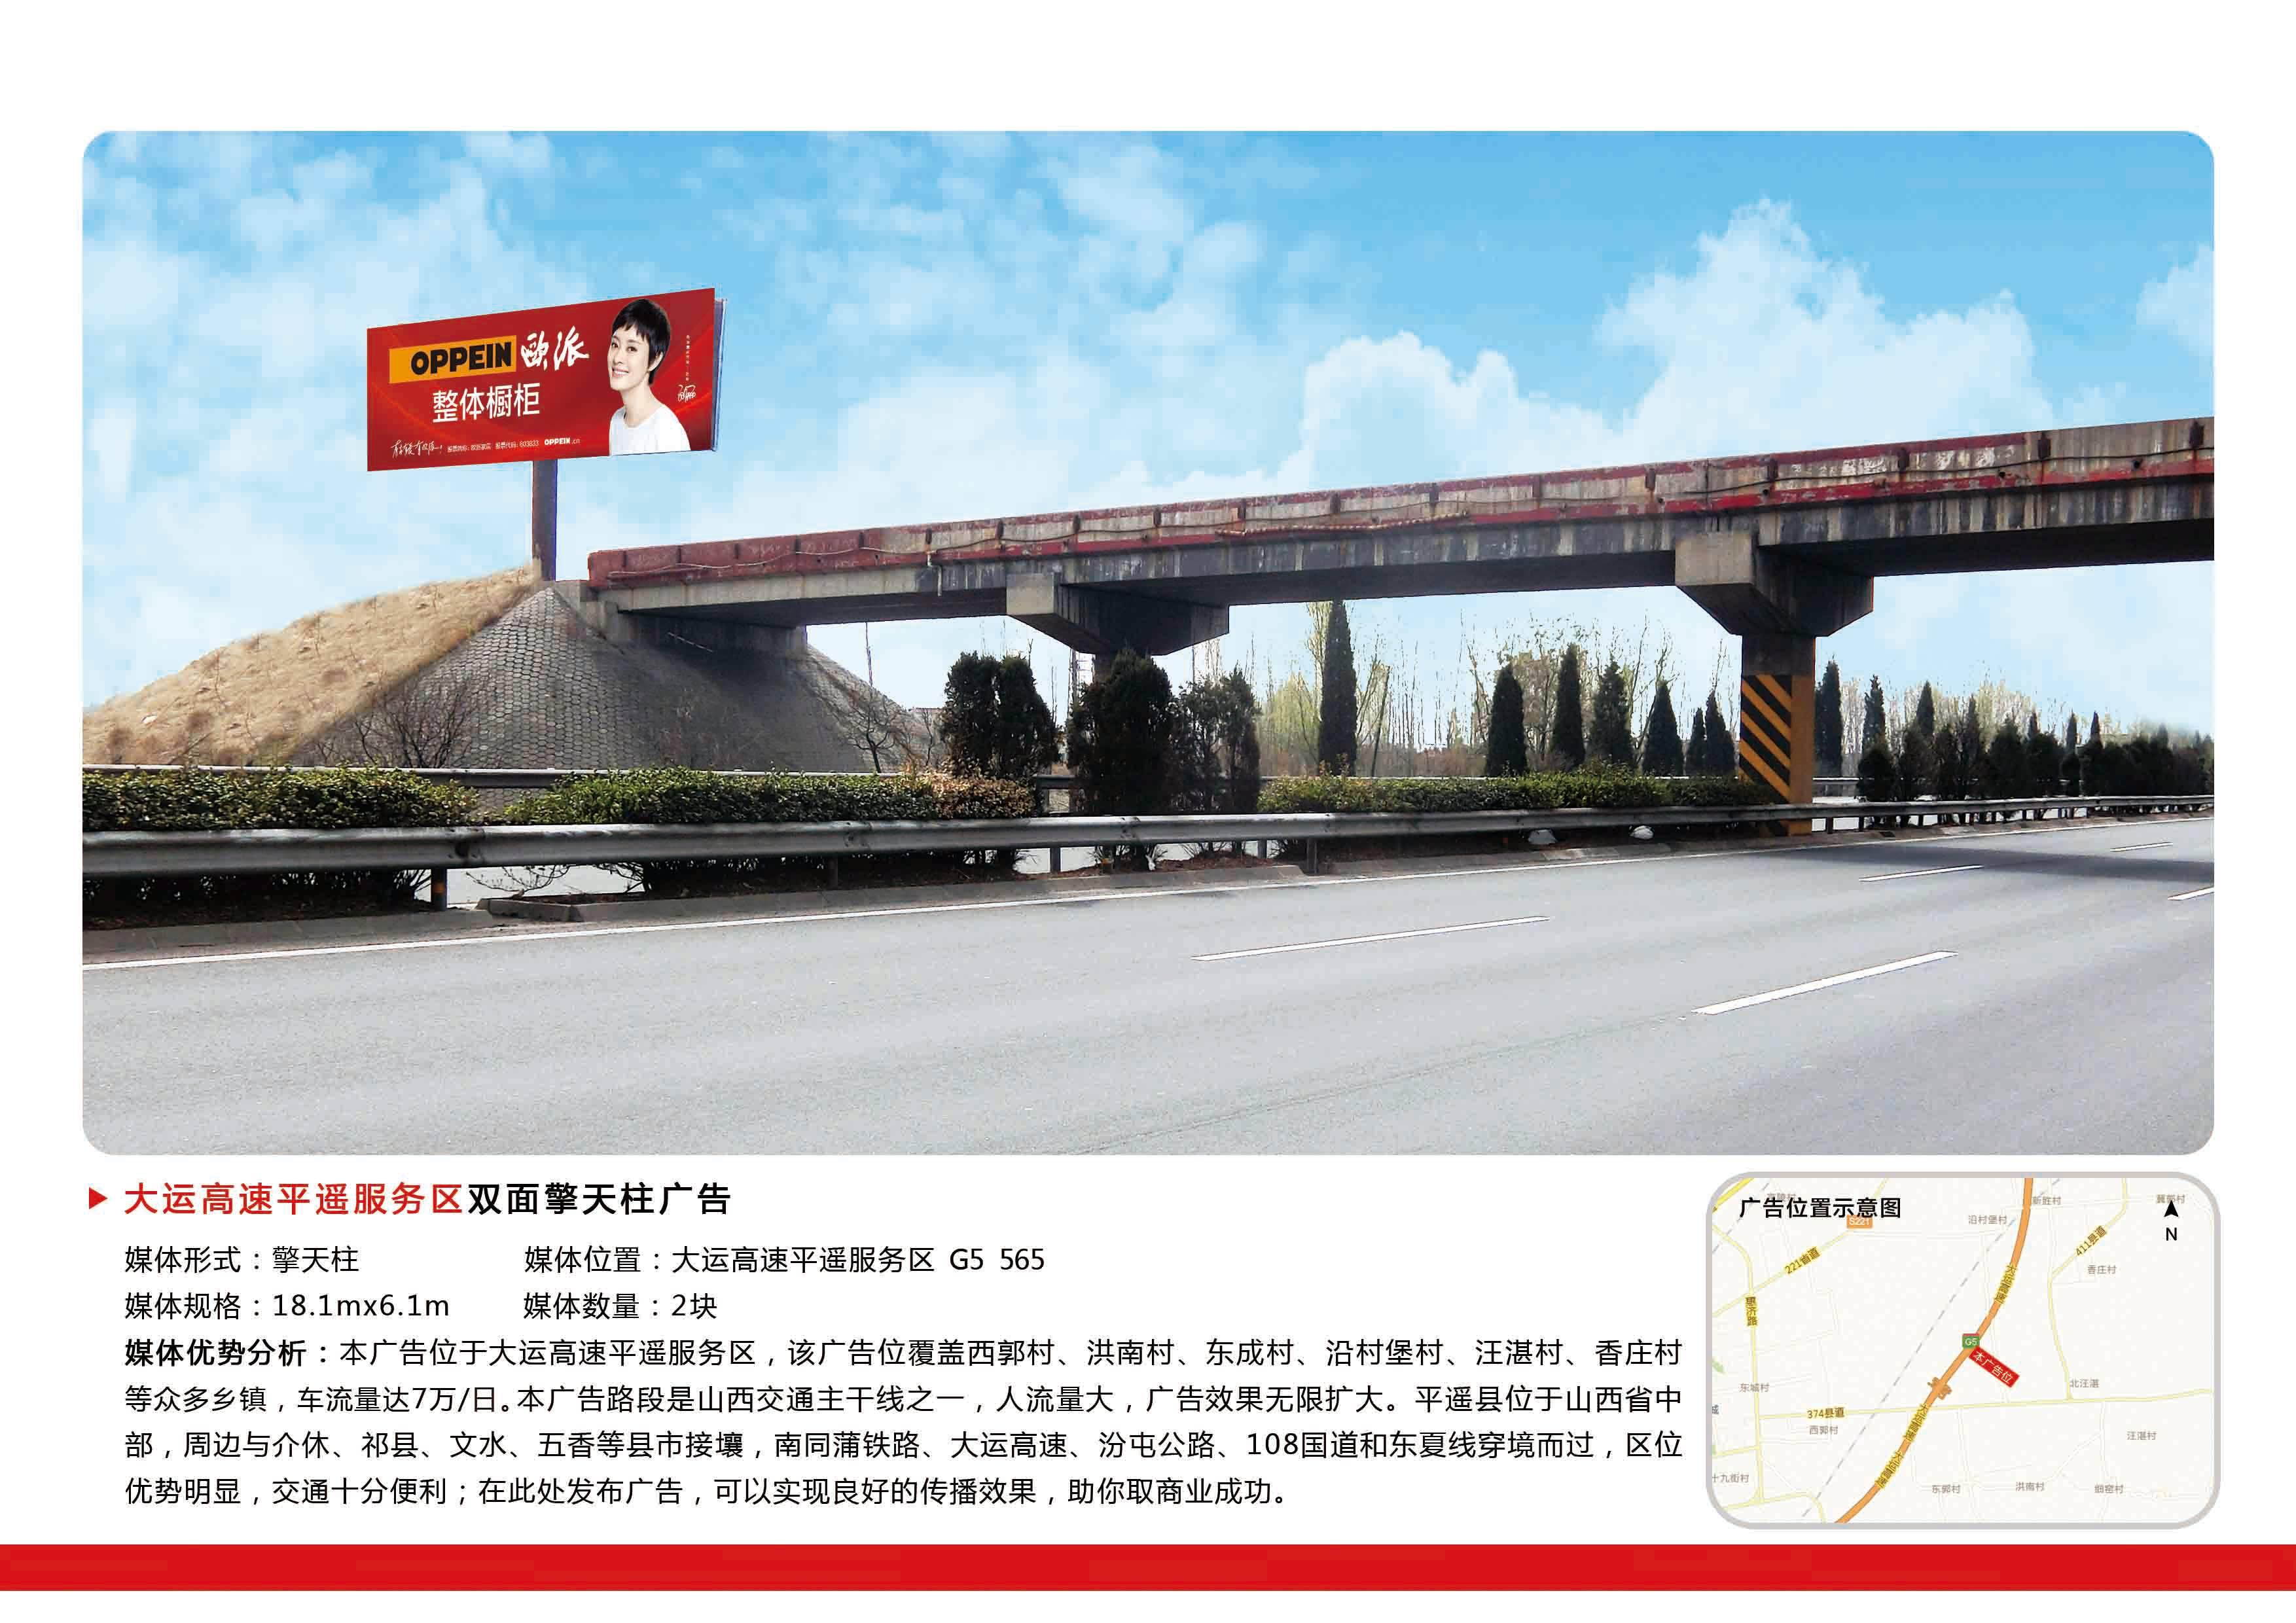 山西京昆(大运)高速平遥段路牌广告